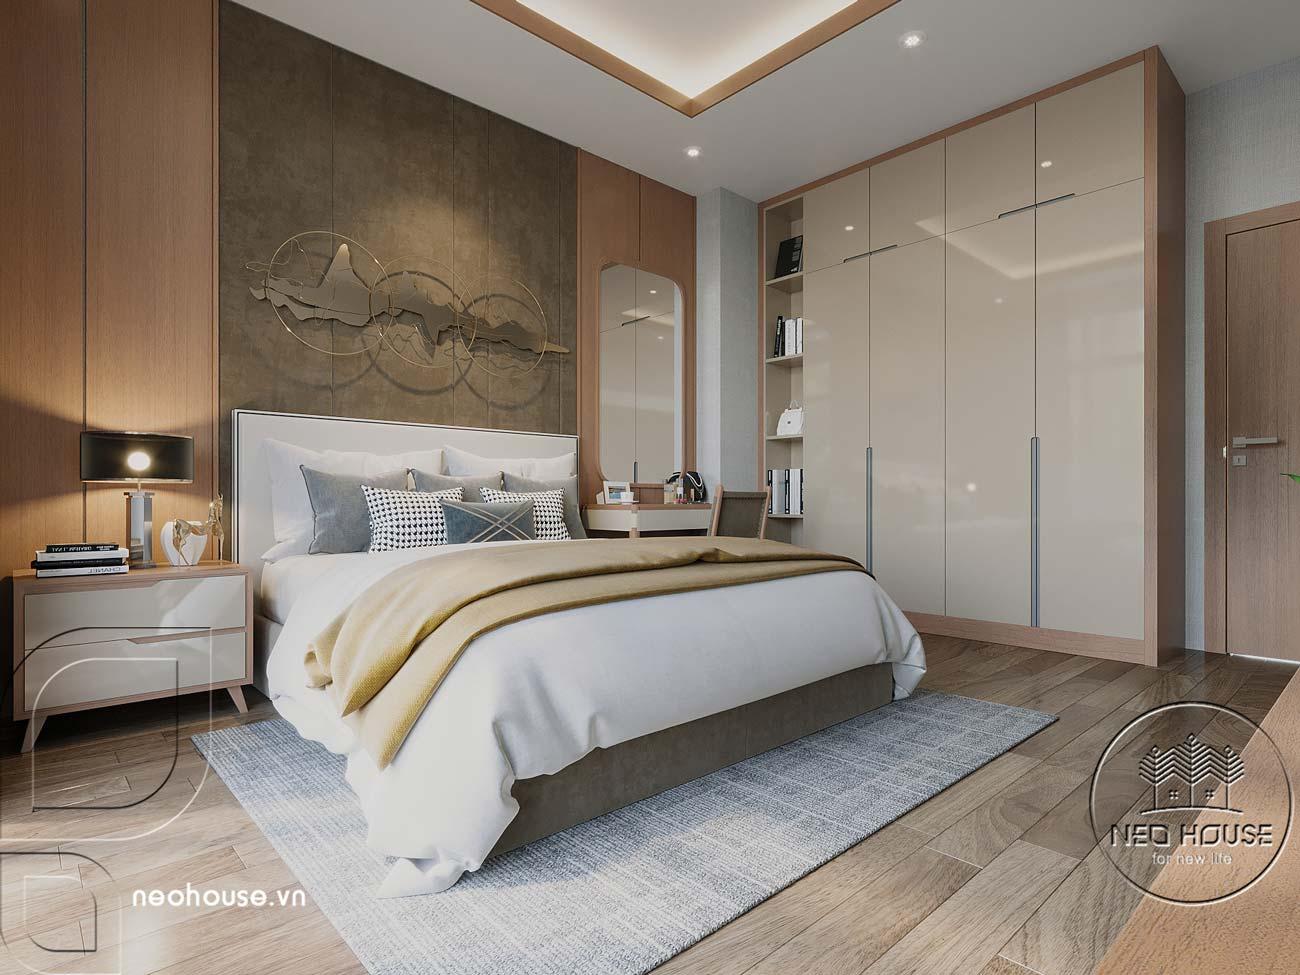 Thiết kế nội thất biệt thự cao cấp 2 tầng. Ảnh 24